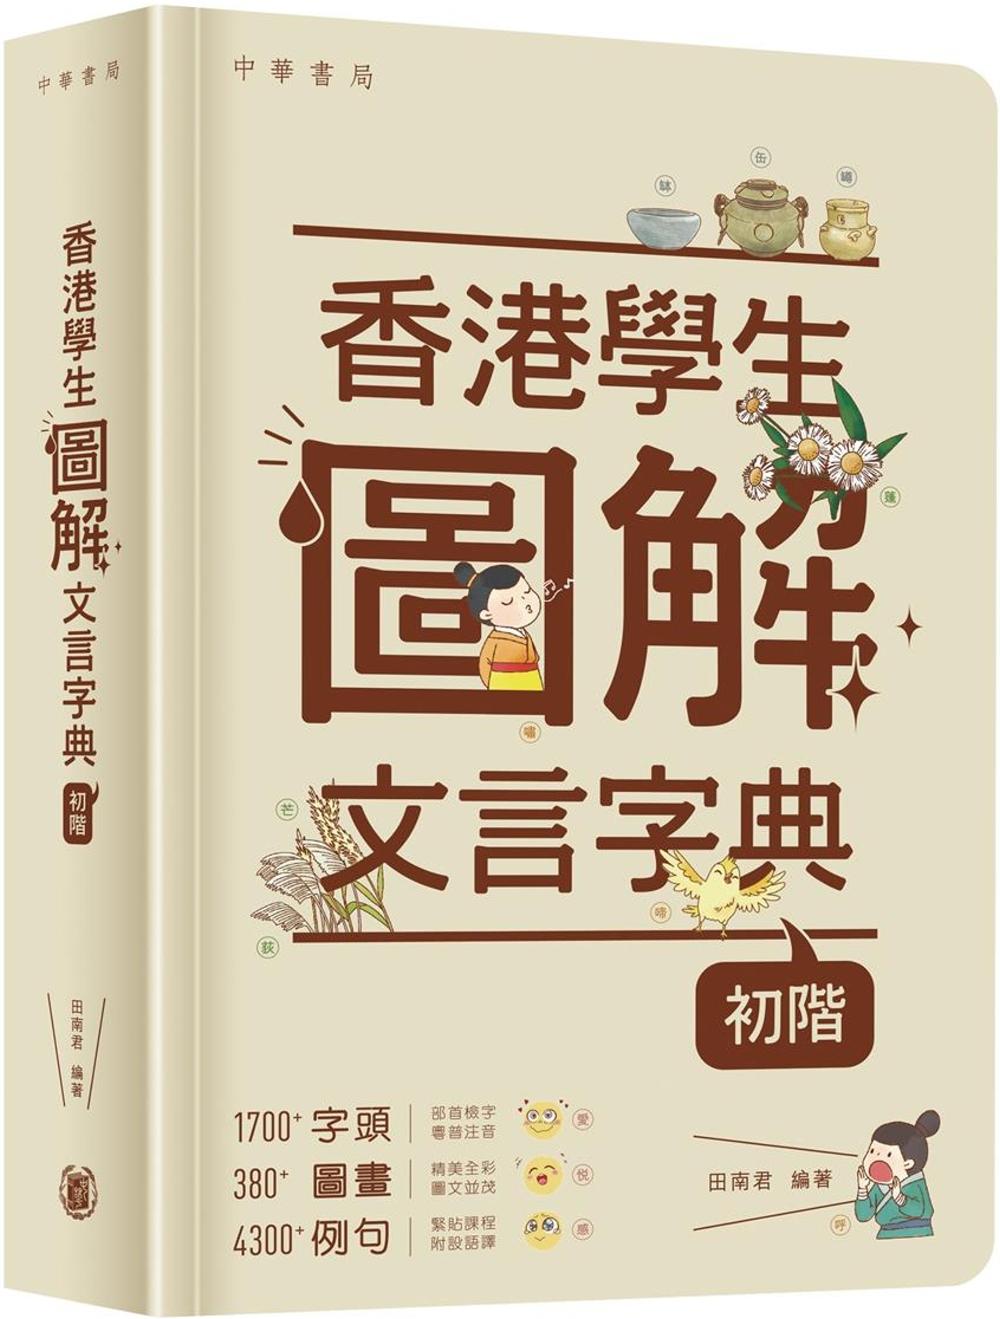 香港學生圖解文言字典(初階)